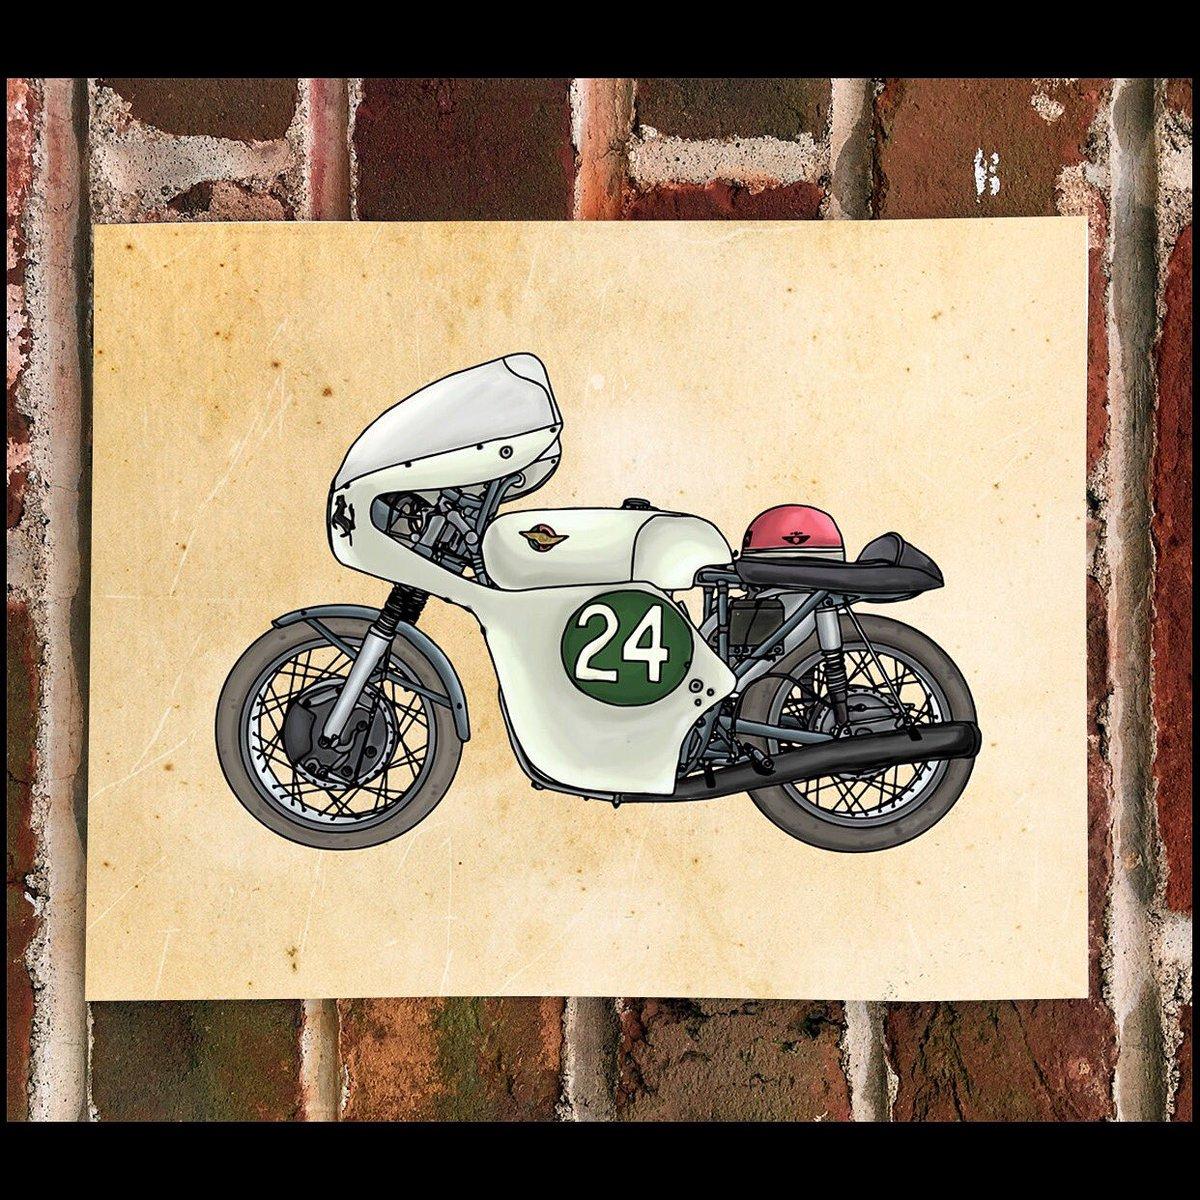 KillerBeeMoto On Twitter Limited Print Of Vintage Ducati Race Bike Hailwood Motorcycle Motorcycleracing Tco DNhPy8ir0y